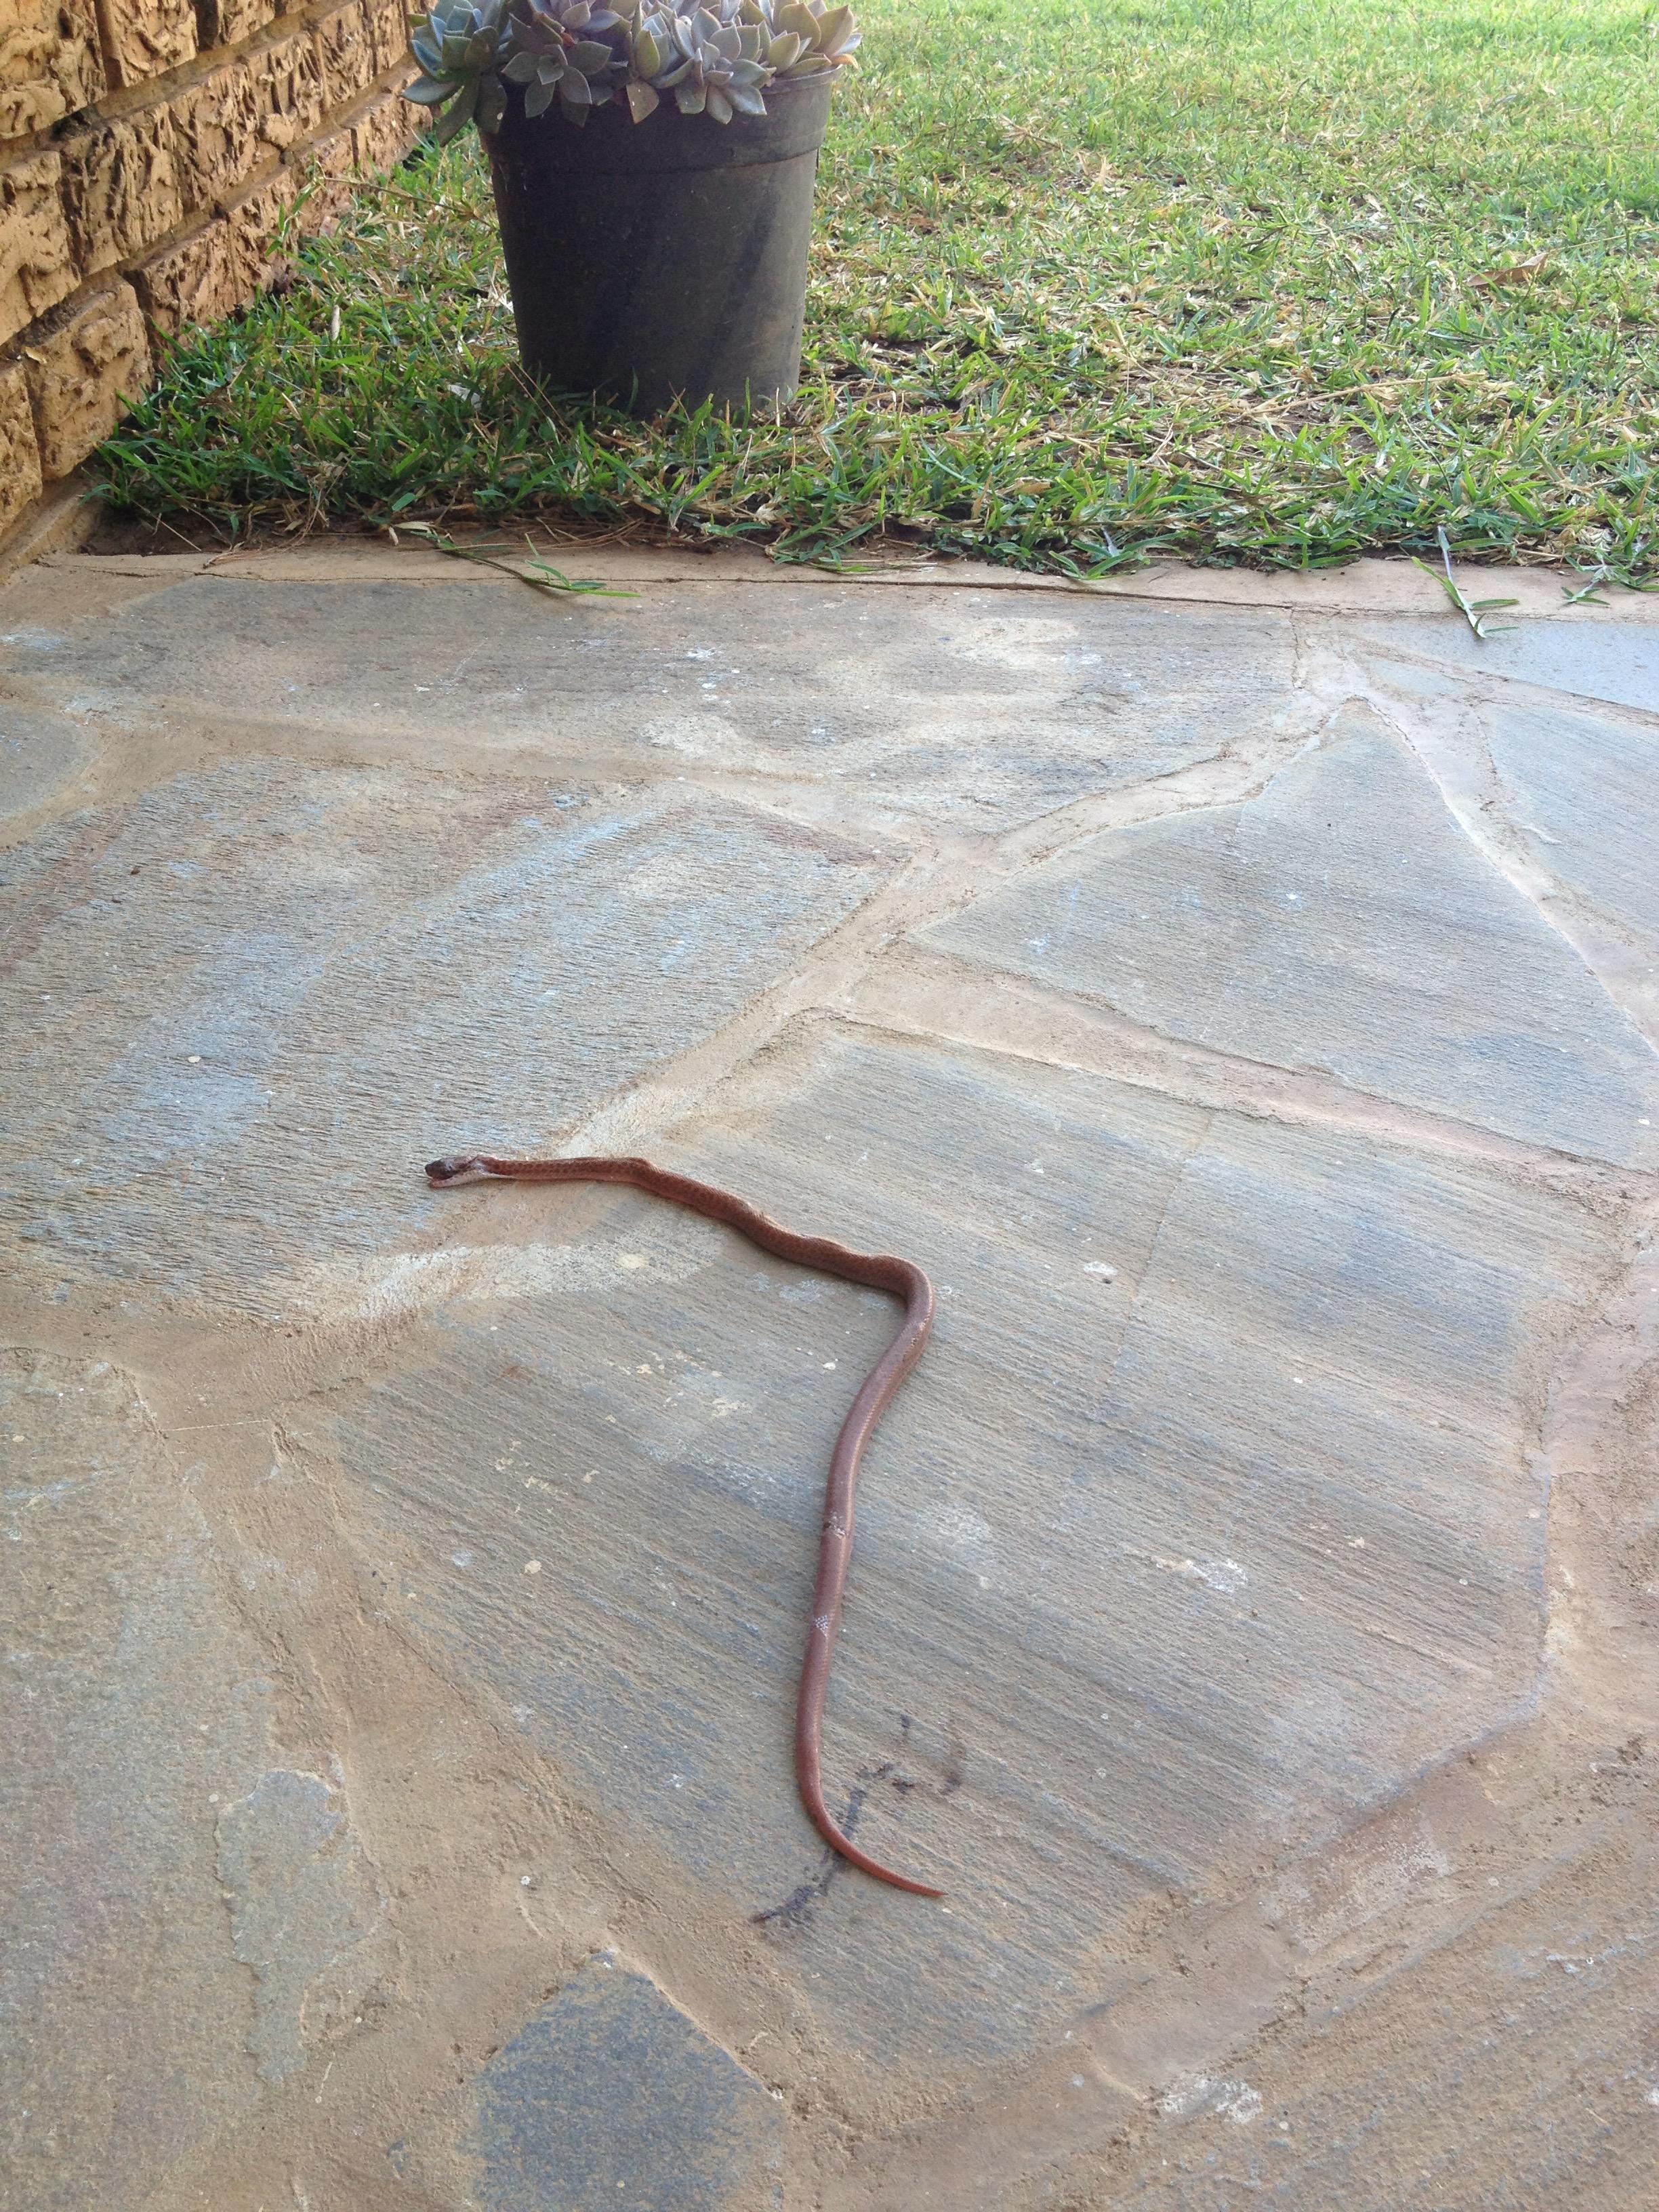 A very dead, very venomous snake.